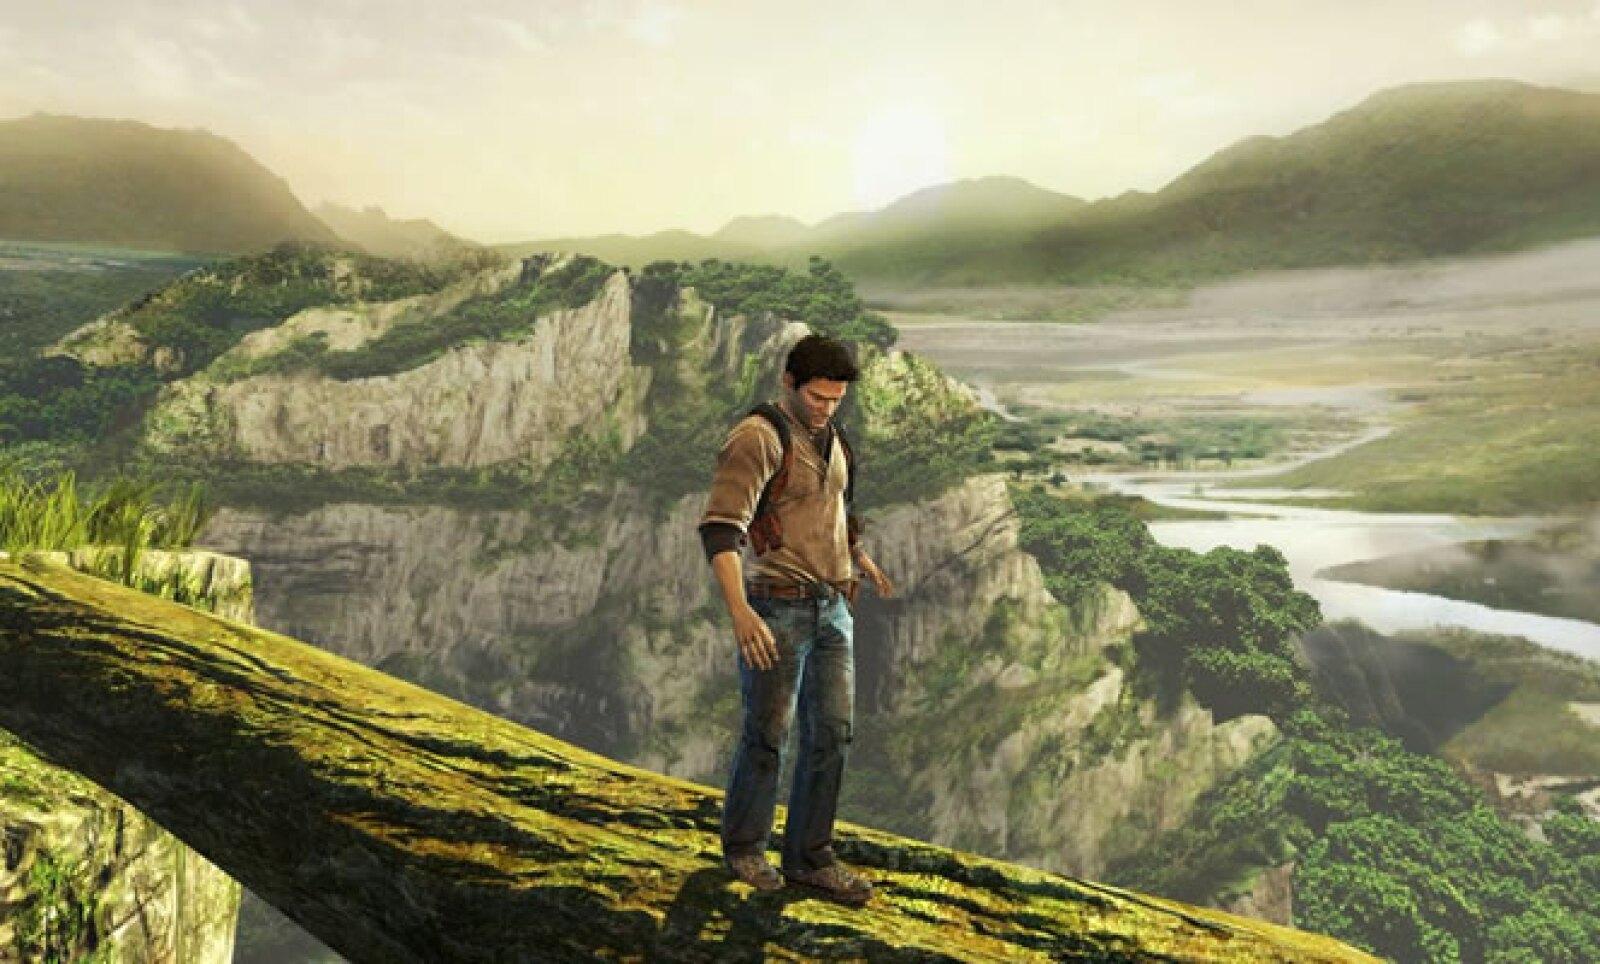 Uno de los juegos que más expectativas causó para este equipo fue Uncharted Golden Abyss, con el protagonista de los juegos para PlayStation 3, Nathan Drake.